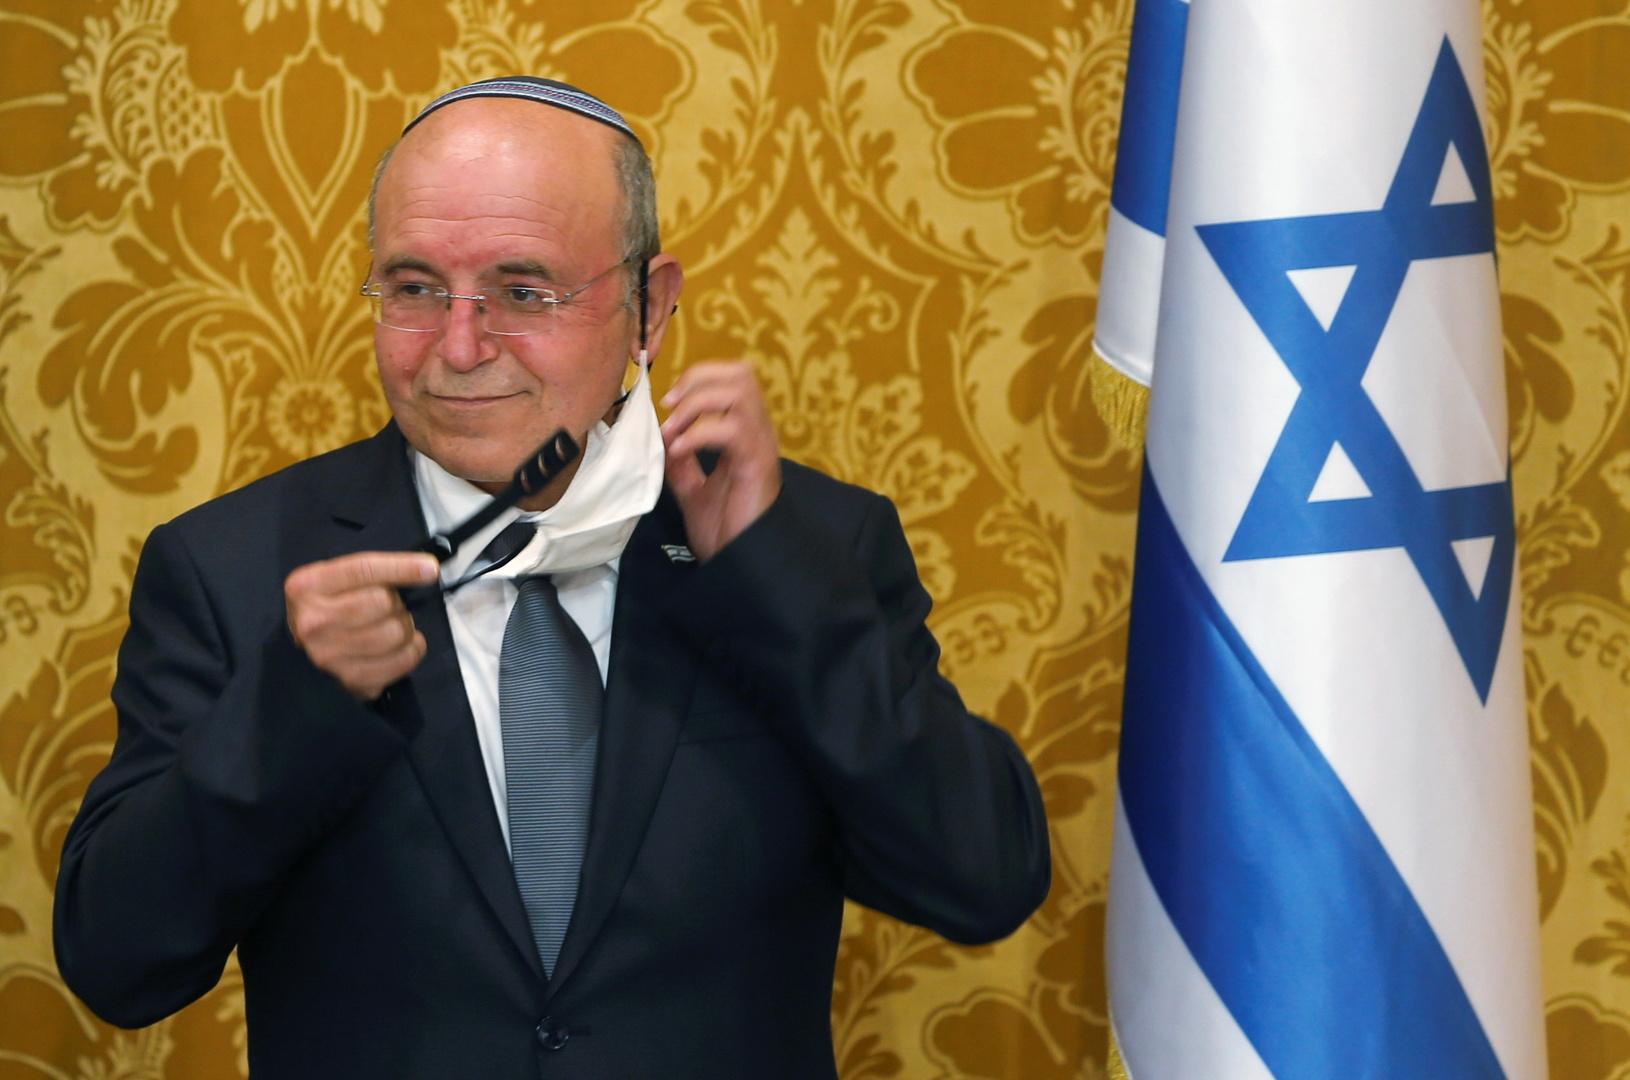 مستشار الأمن القومي الإسرائيلي يعلن استقالته